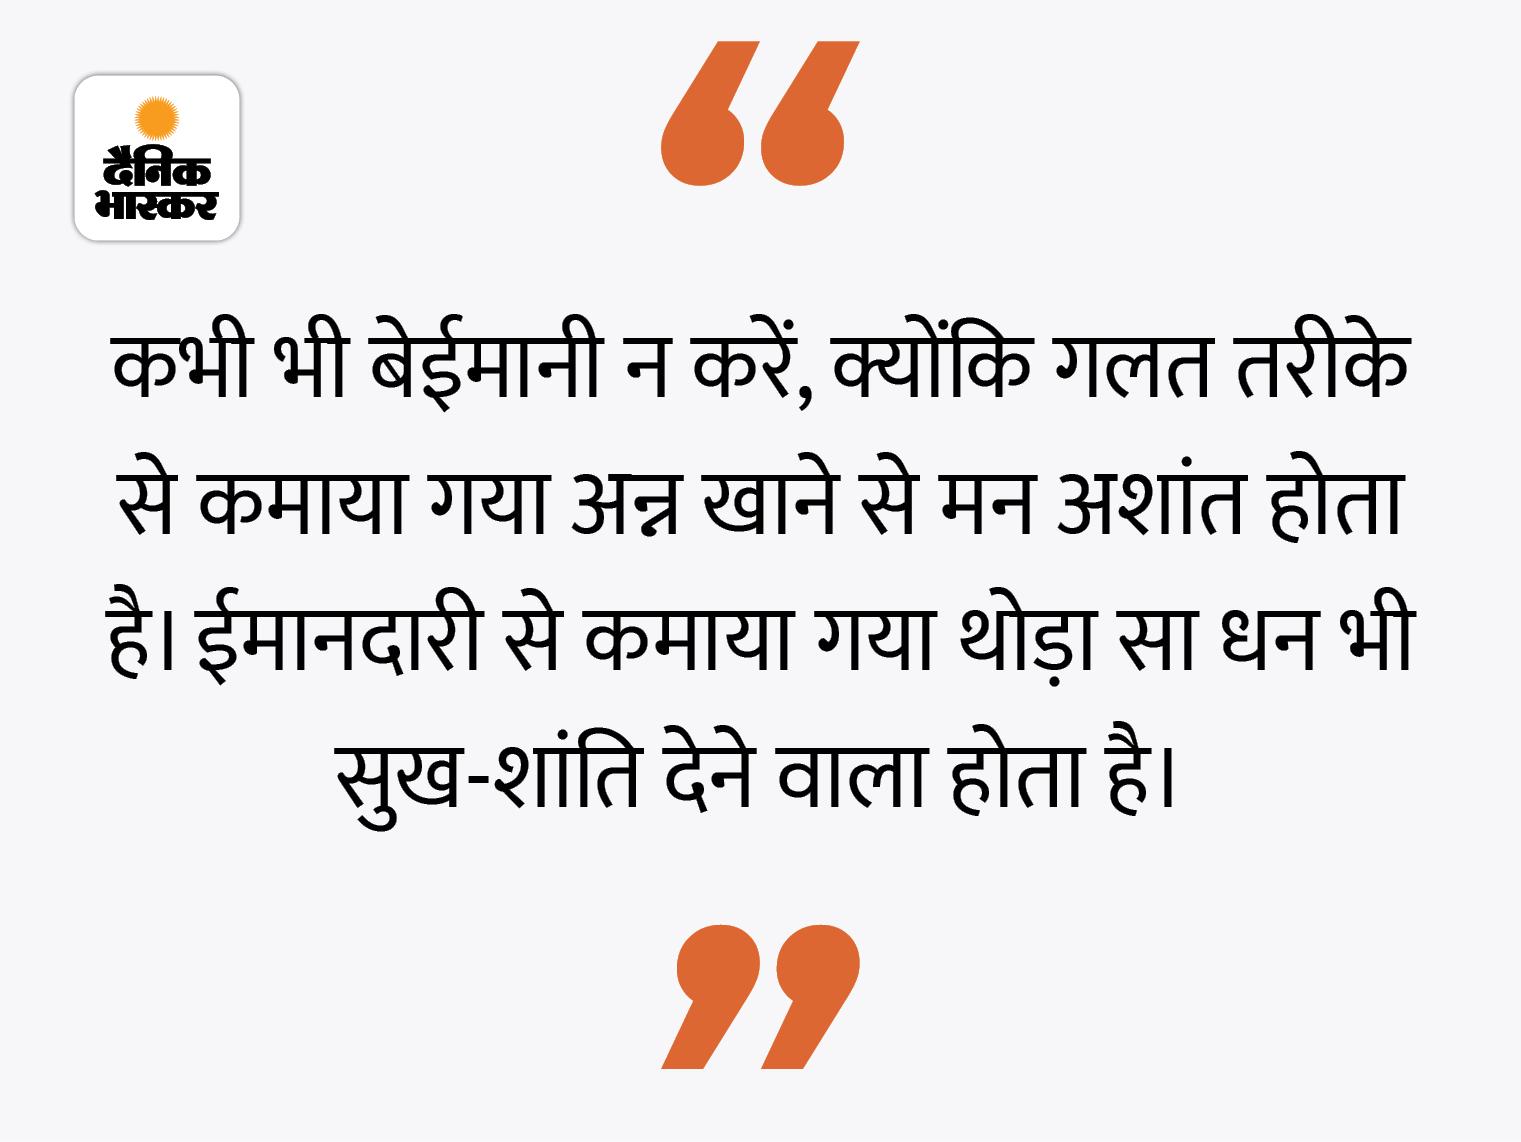 विचारों में पवित्रता चाहते हैं तो अन्न हमेशा ईमानदारी की कमाई का ही खाना चाहिए|धर्म,Dharm - Dainik Bhaskar